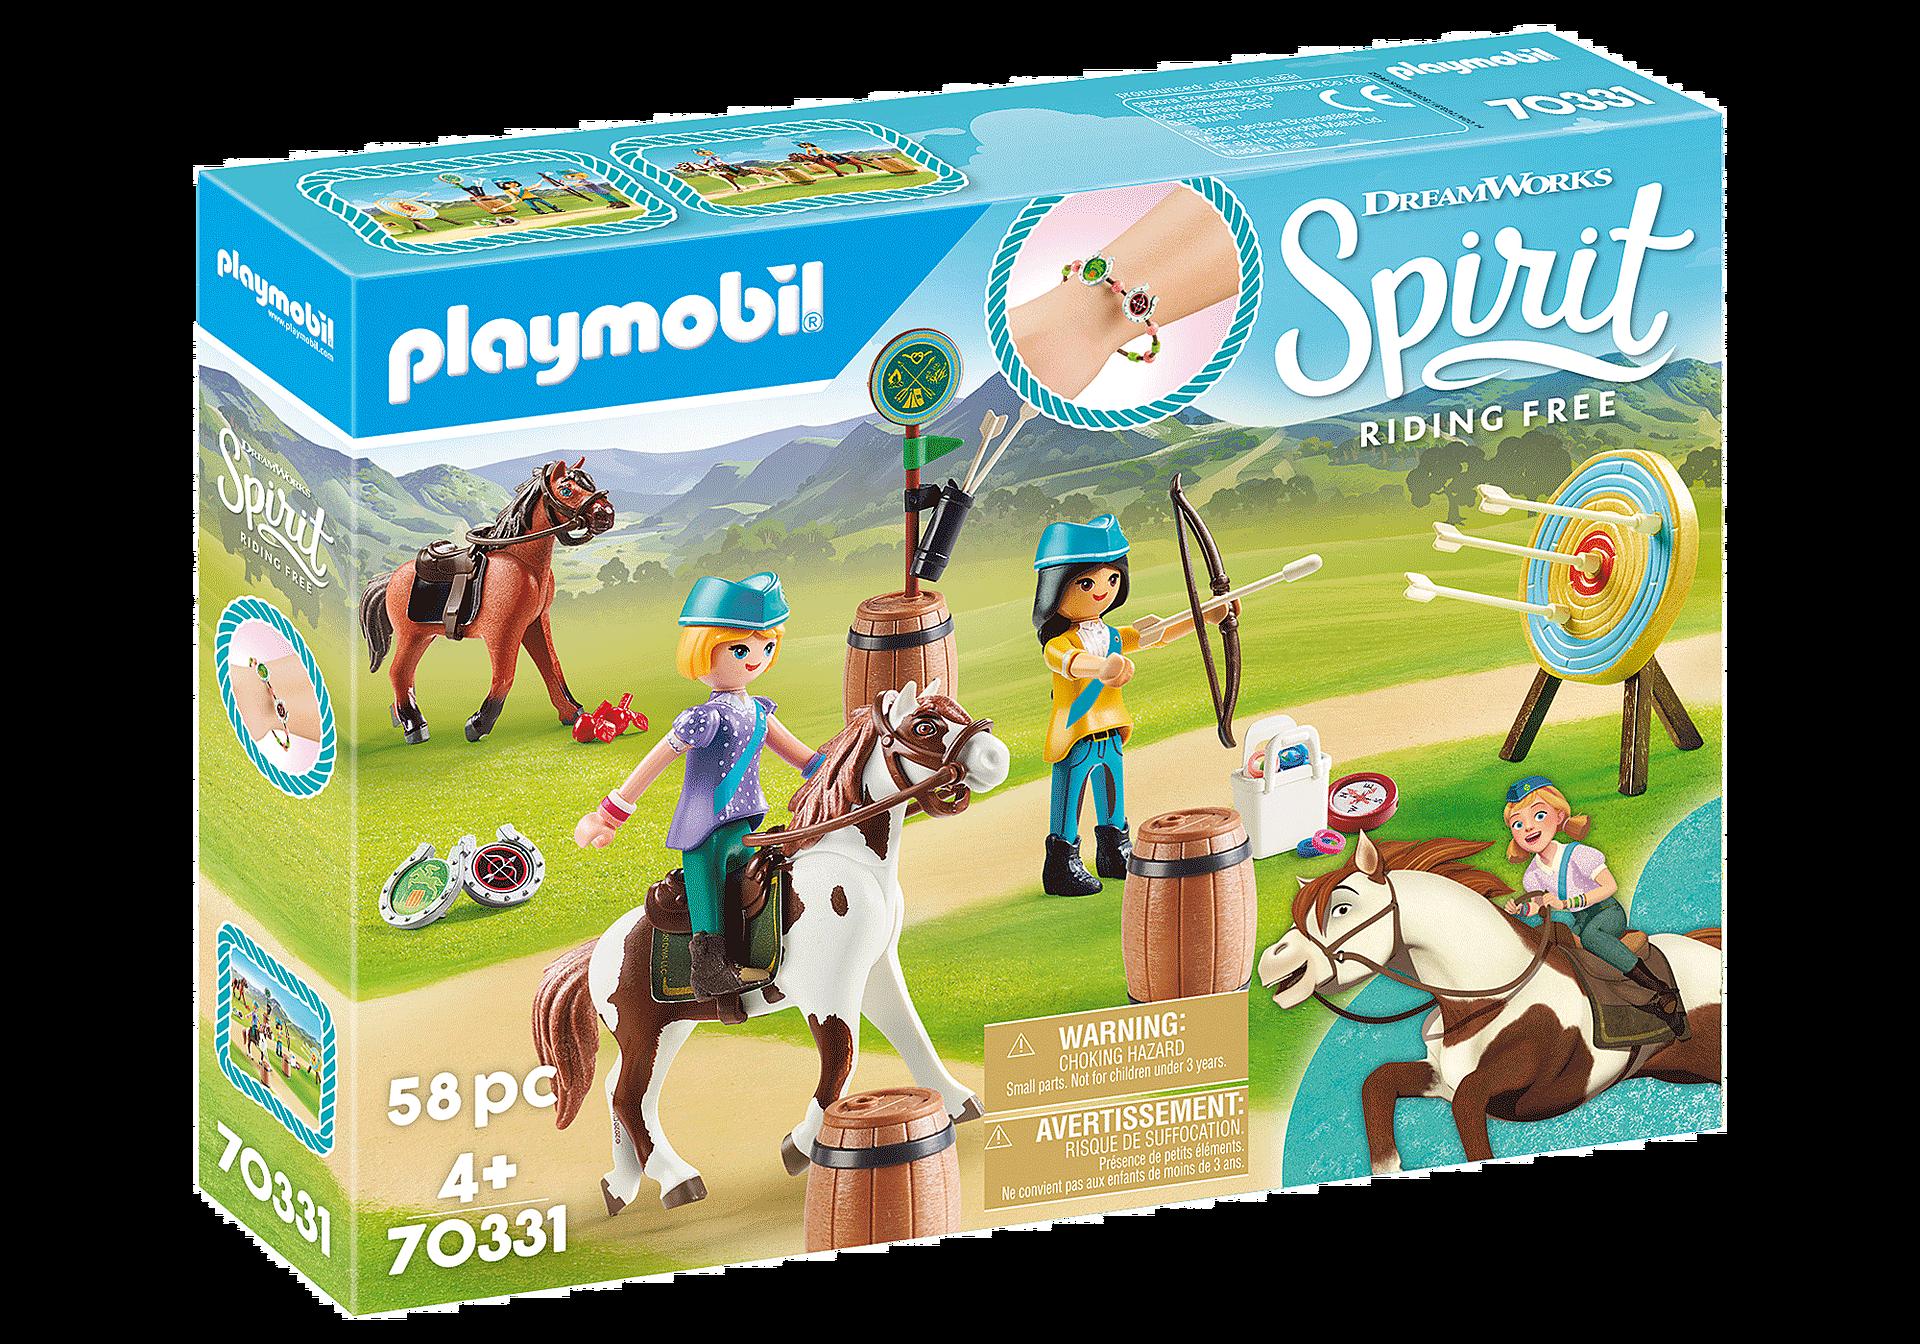 Playmobil - Outdoor Adventure (70331)